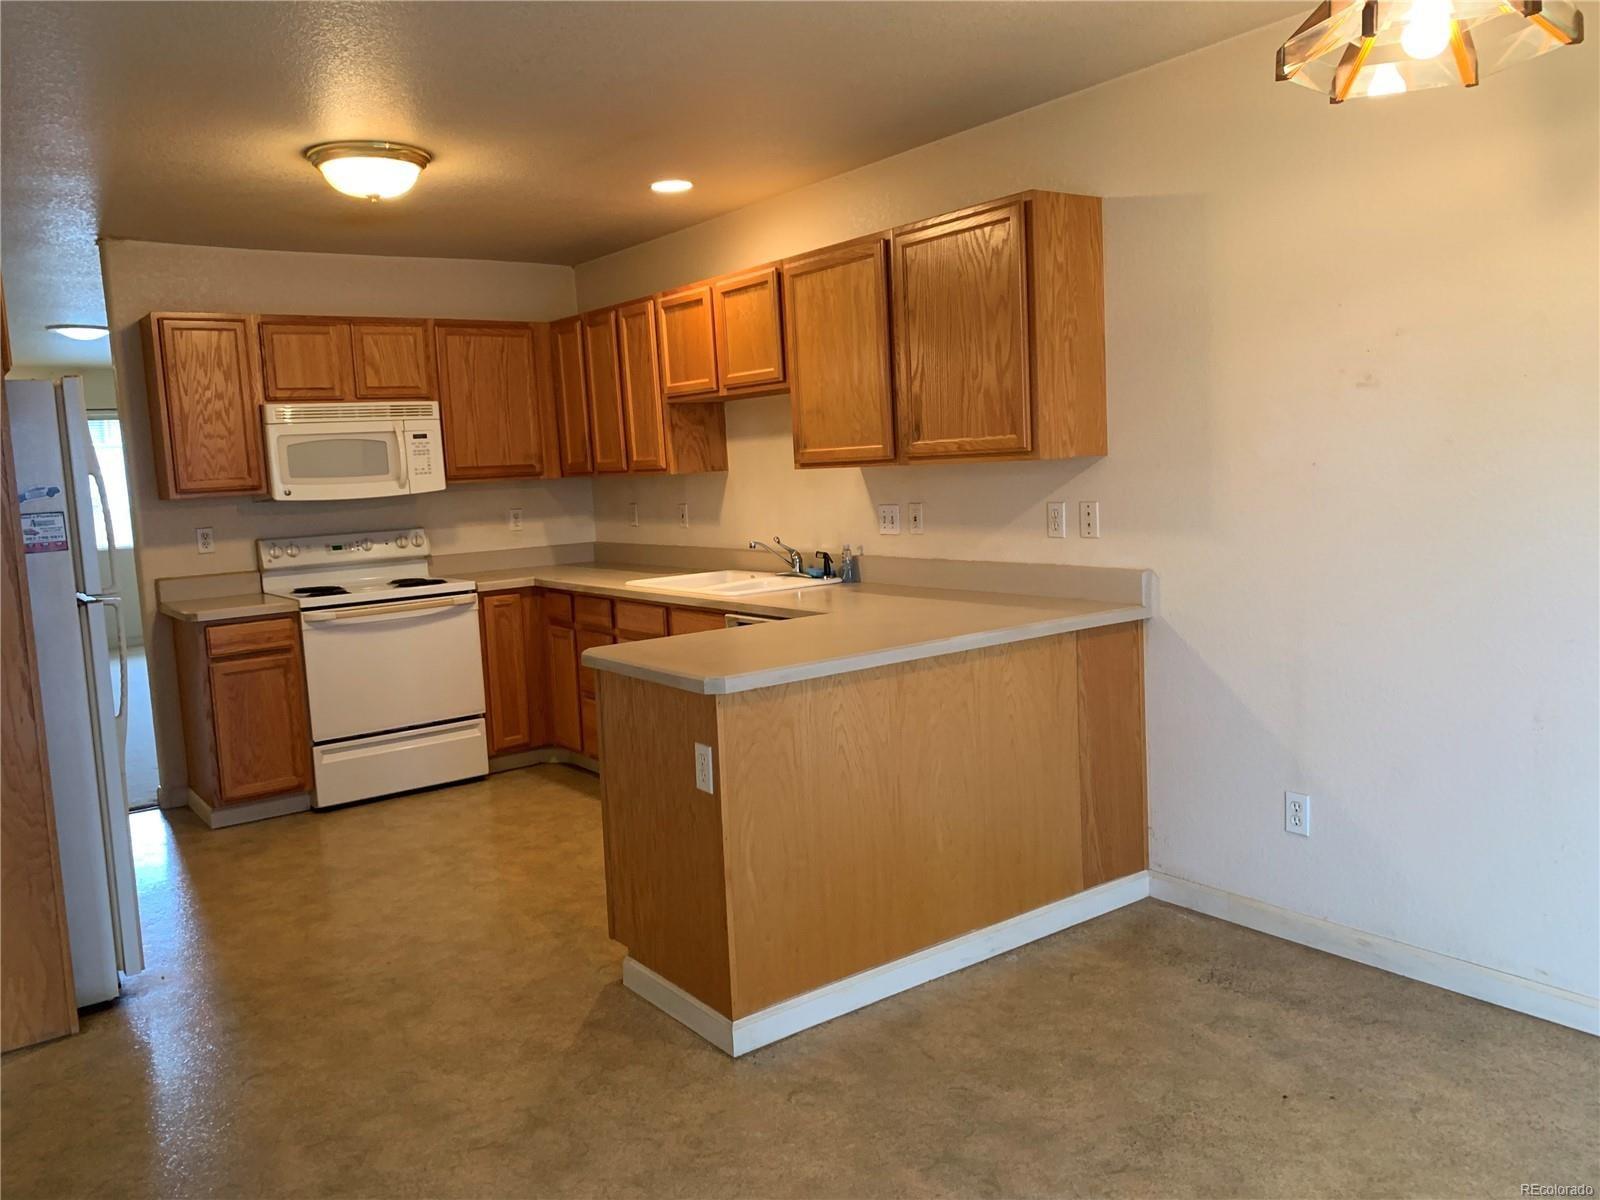 MLS# 4678273 - 6 - 10287 W 41st Avenue, Wheat Ridge, CO 80033